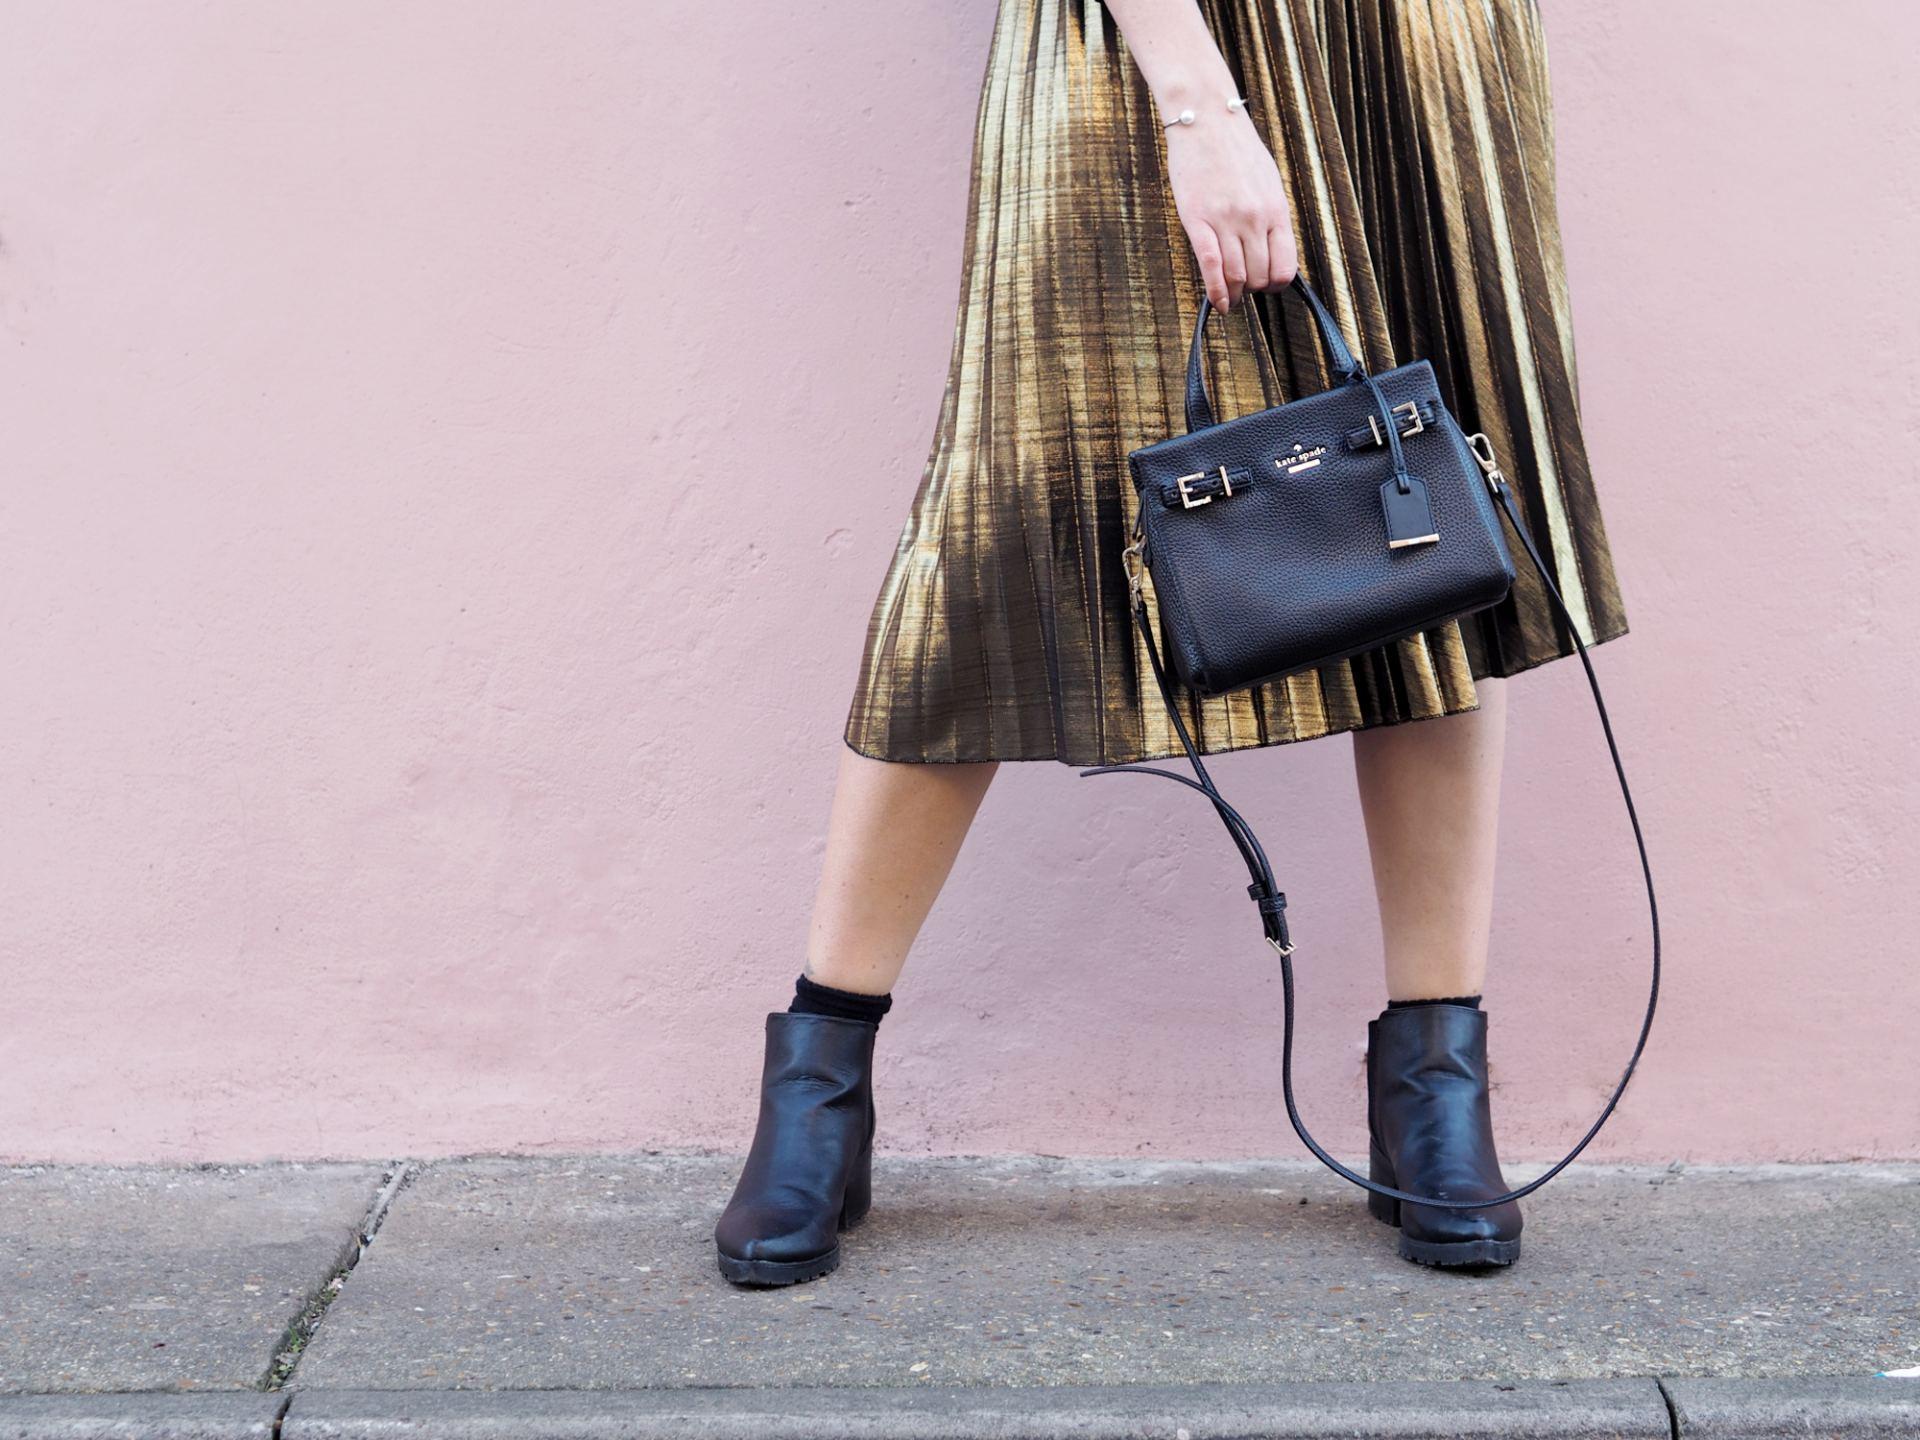 metallic midi skirt with kate spade handbag